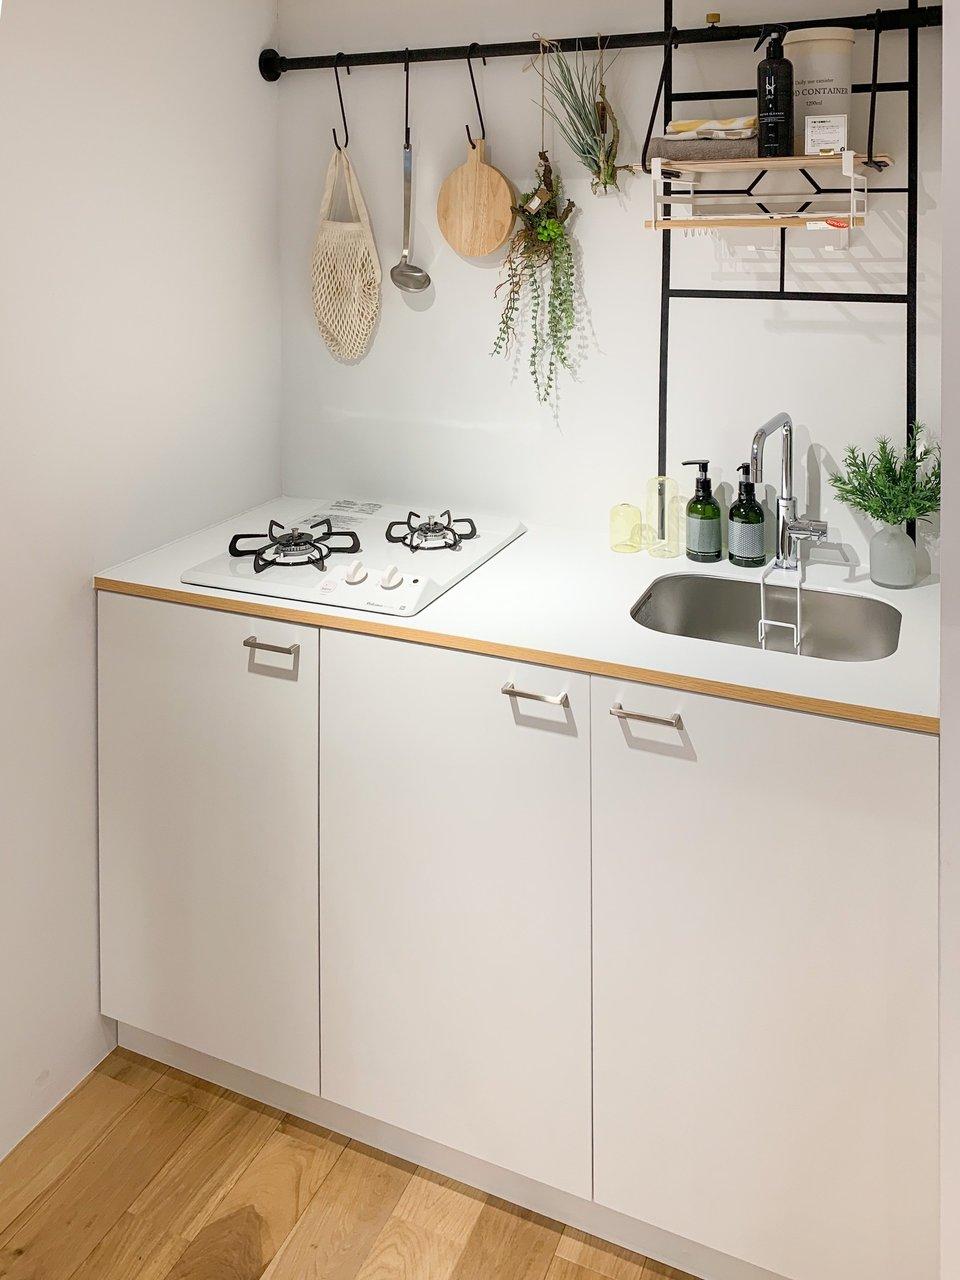 キッチンも、コンパクトながらTOMOSデザインで大胆にリノベーション。二口コンロがついて、下段には収納スペースも。自炊生活もこのくらいあれば十分、ですね。